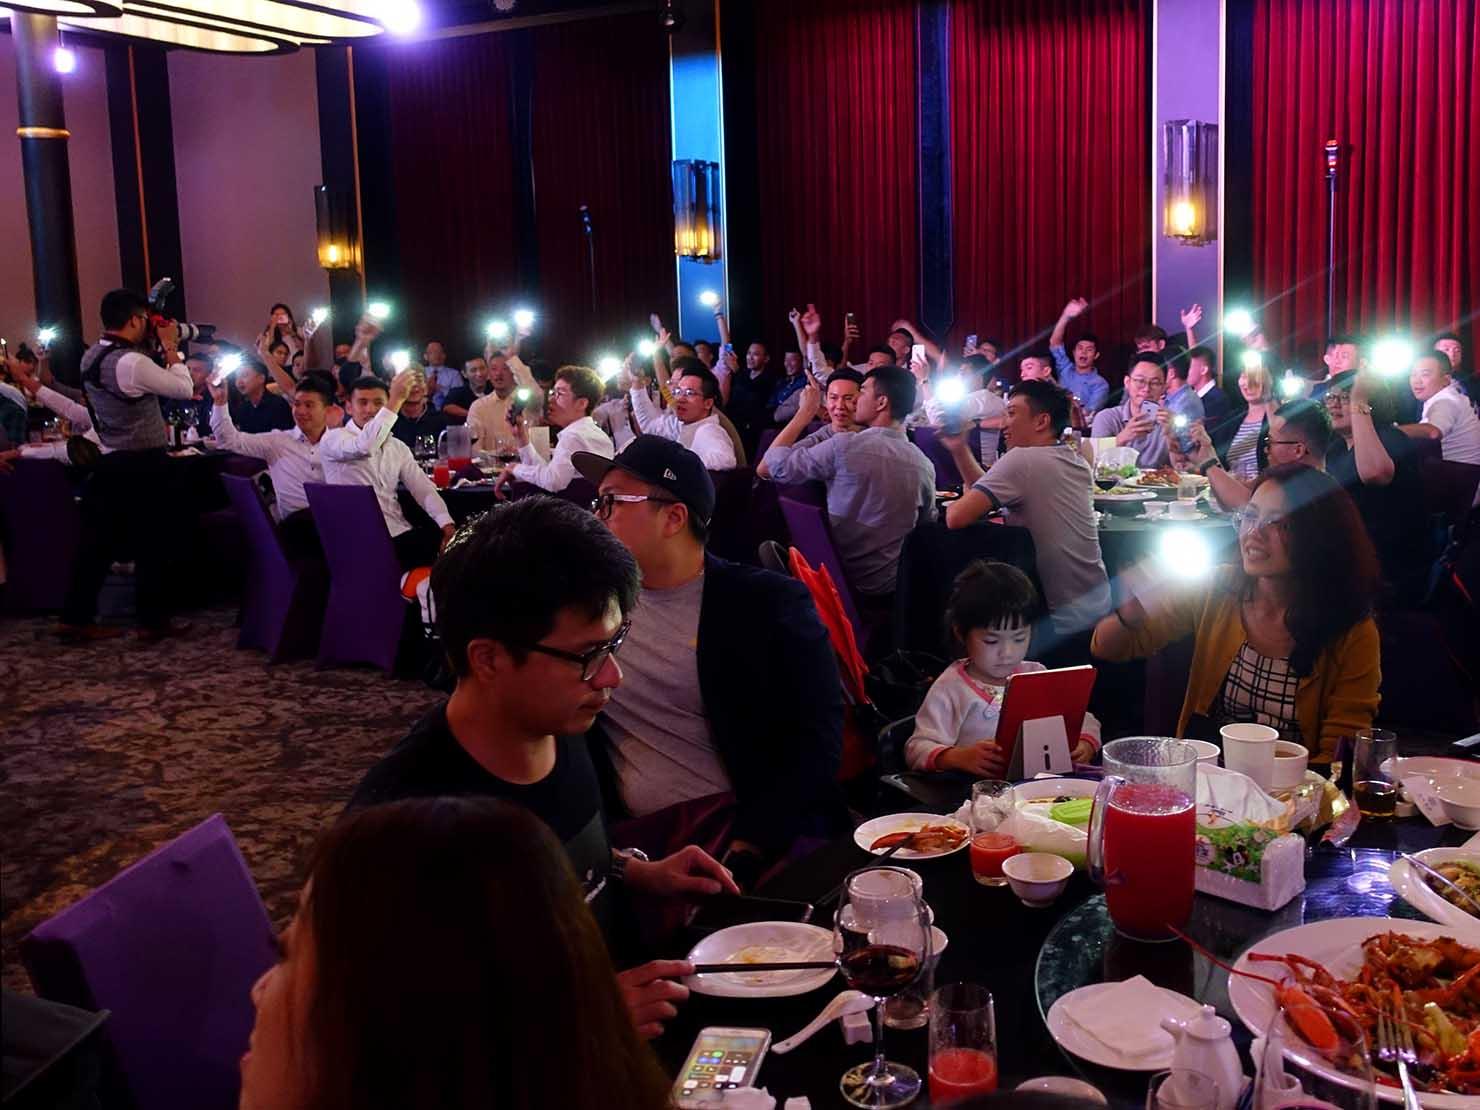 台日同性カップルの友人の結婚式会場でスマホライトをかざす友人たち